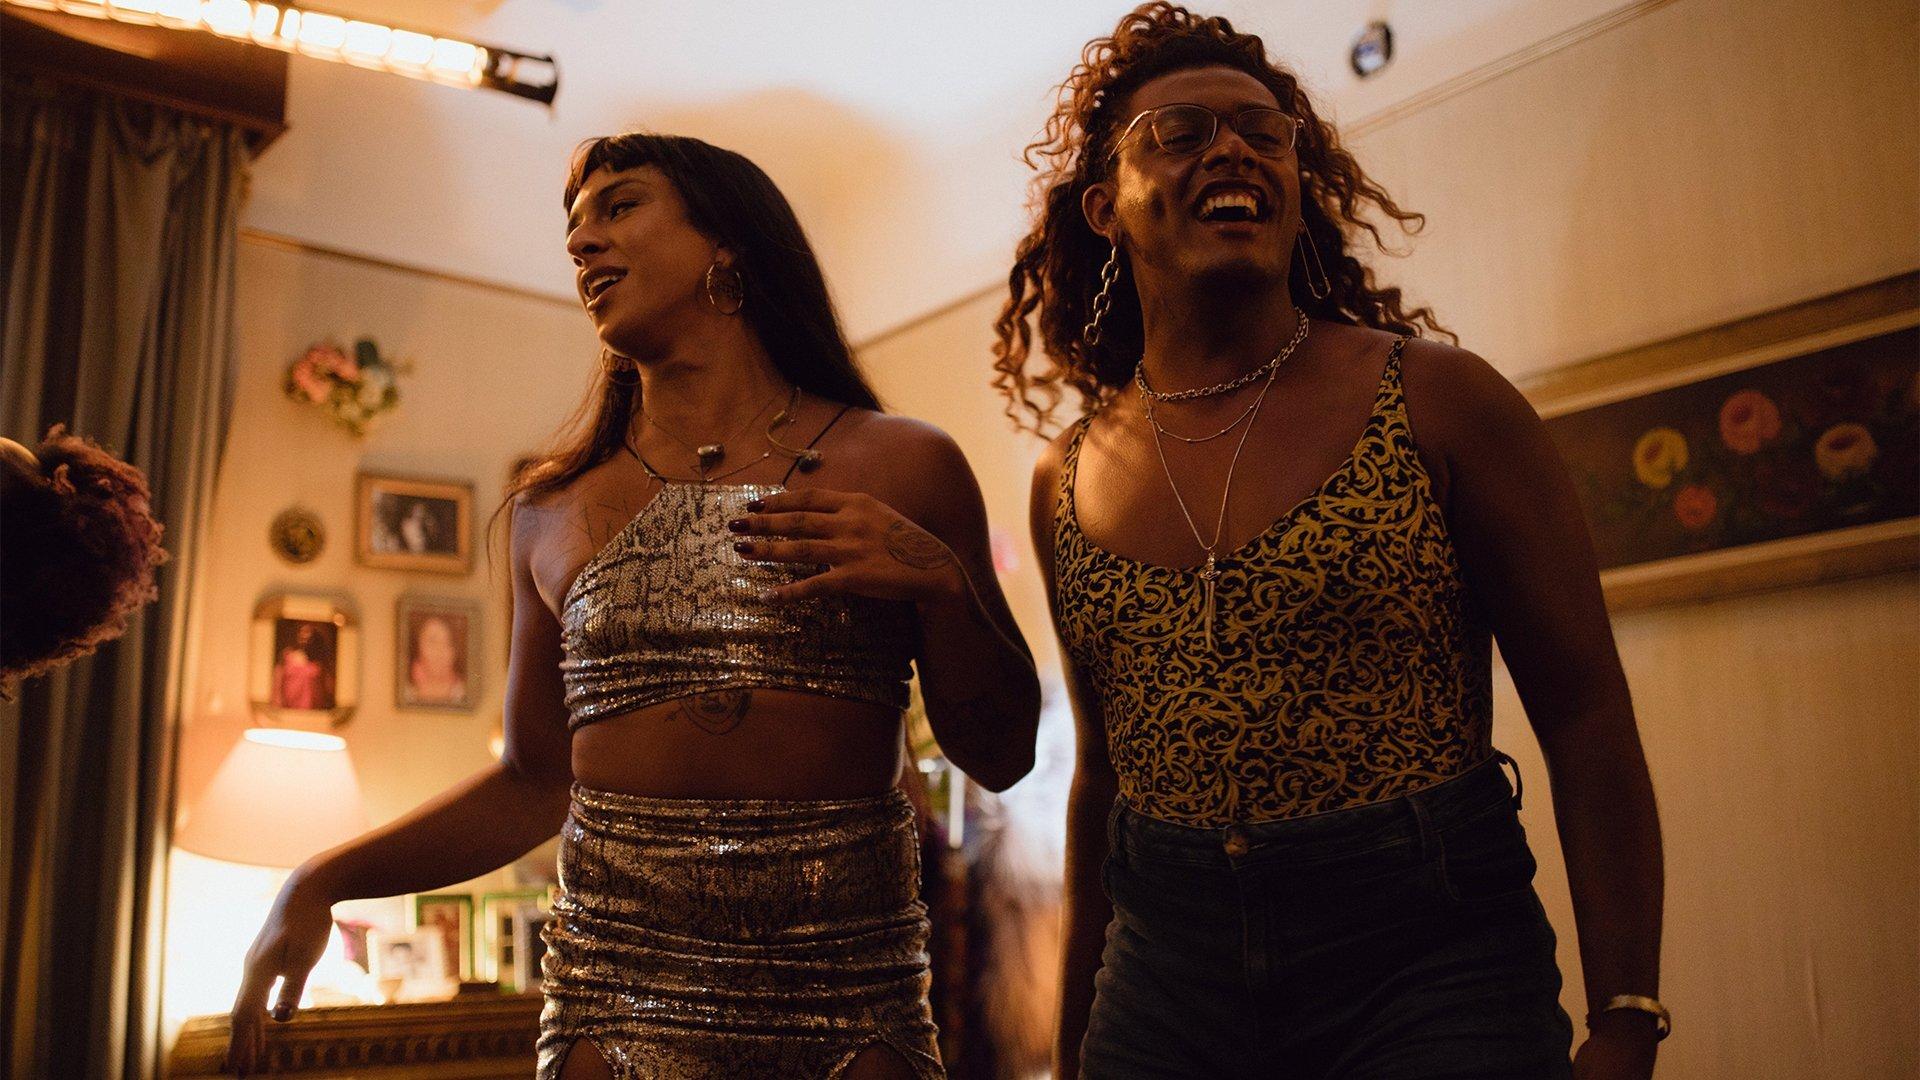 """Cena da série """"Manhãs de Setembro"""". Na imagem, a personagem Pedrita à esquerda usando um top e mini saia com estampas de tigre. Ao seu lado, Cassandra, de regata estampada e short. Ambas estão se movimentando e sorrindo. O cenário é um quarto."""